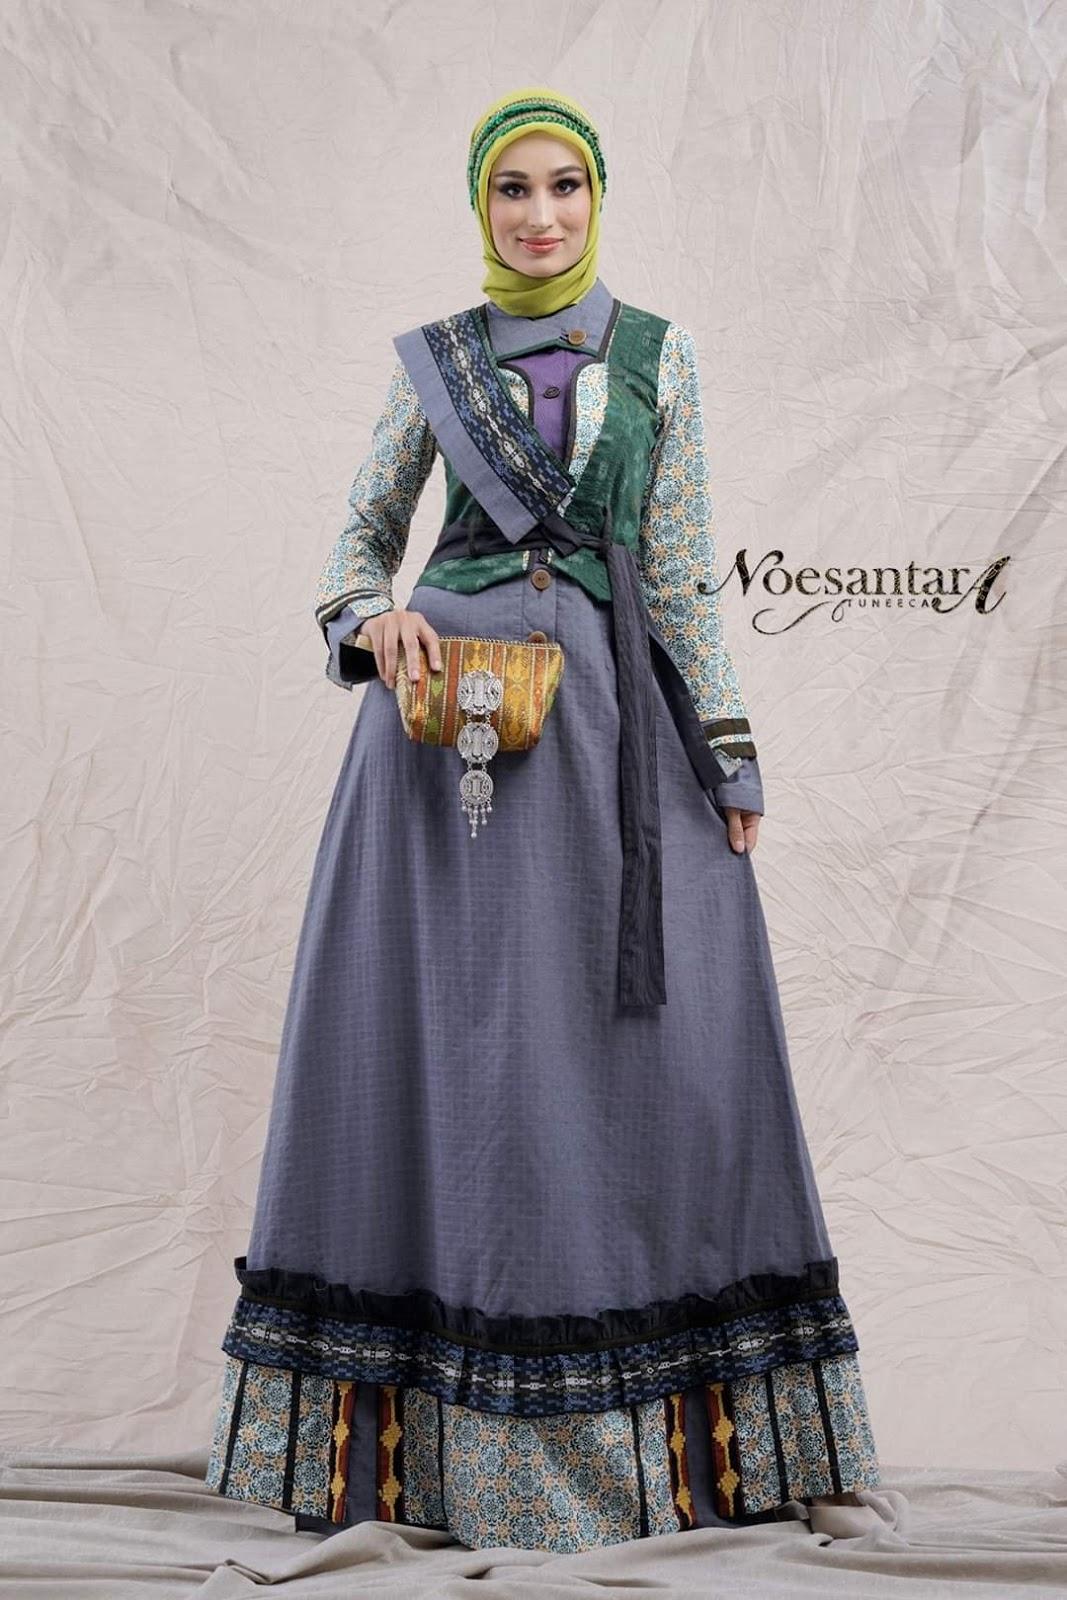 Pemakaian Tenun Yang Tidak Biasa Dalam Tuneeca Terbaru 2020 Noesantara Tuneeca Gamis Tuneeca Terbaru Dress Tuneeca Koko Tuneeca Simplylook Poeva Rhupa